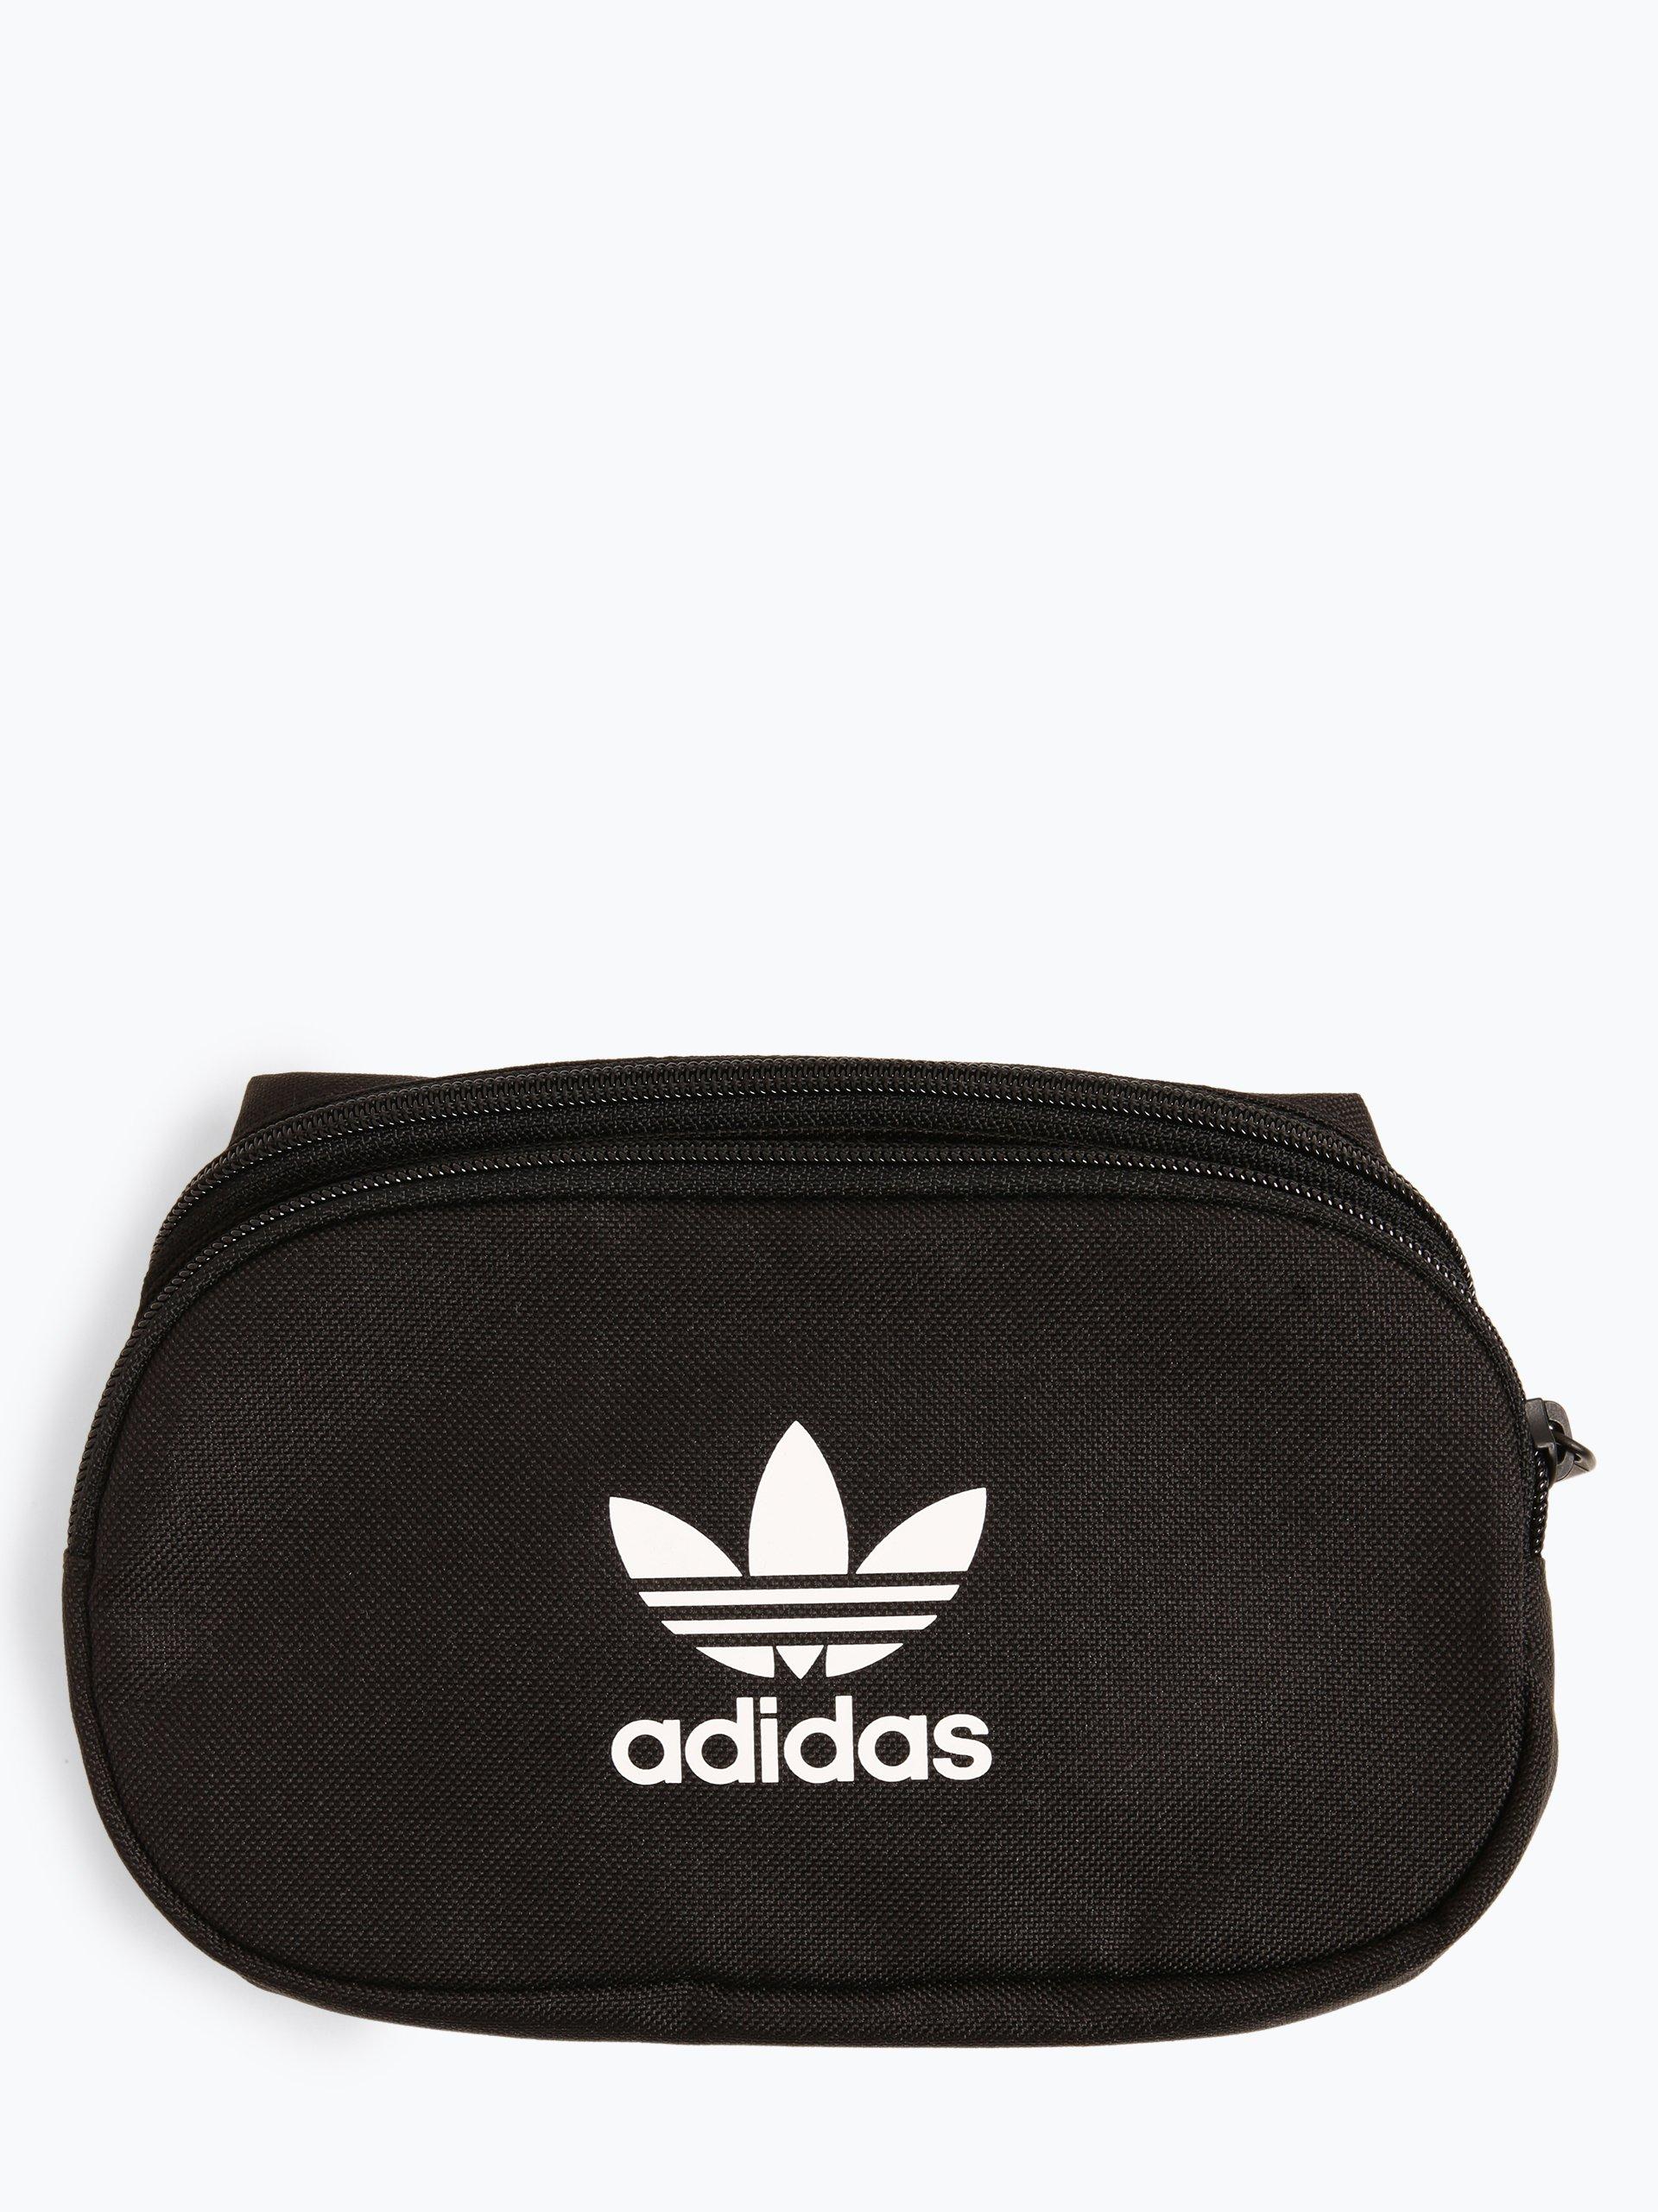 adidas Originals Saszetka męska